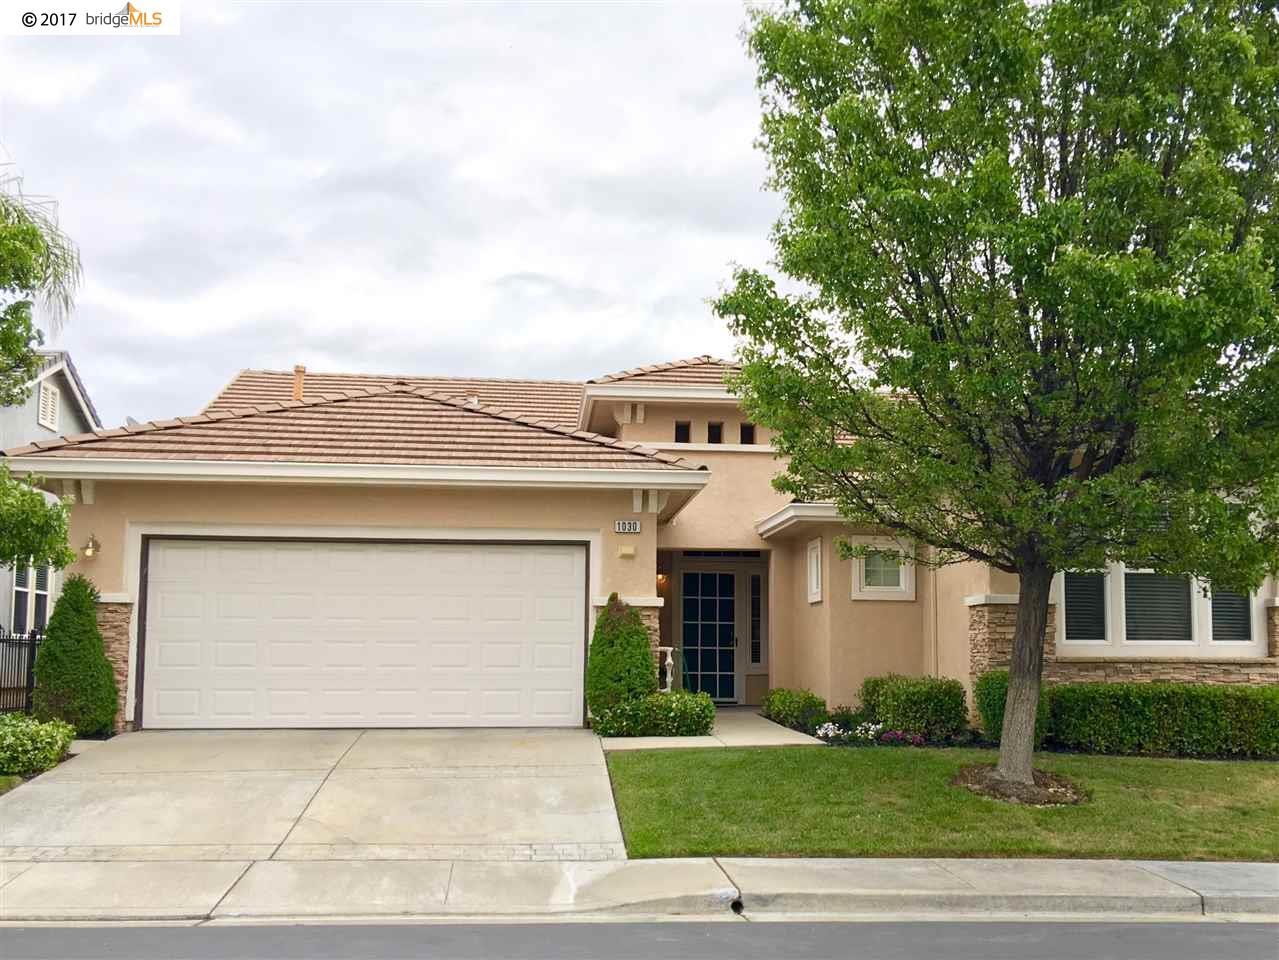 Casa Unifamiliar por un Venta en 1030 BISMARCK TERR Brentwood, California 94513 Estados Unidos